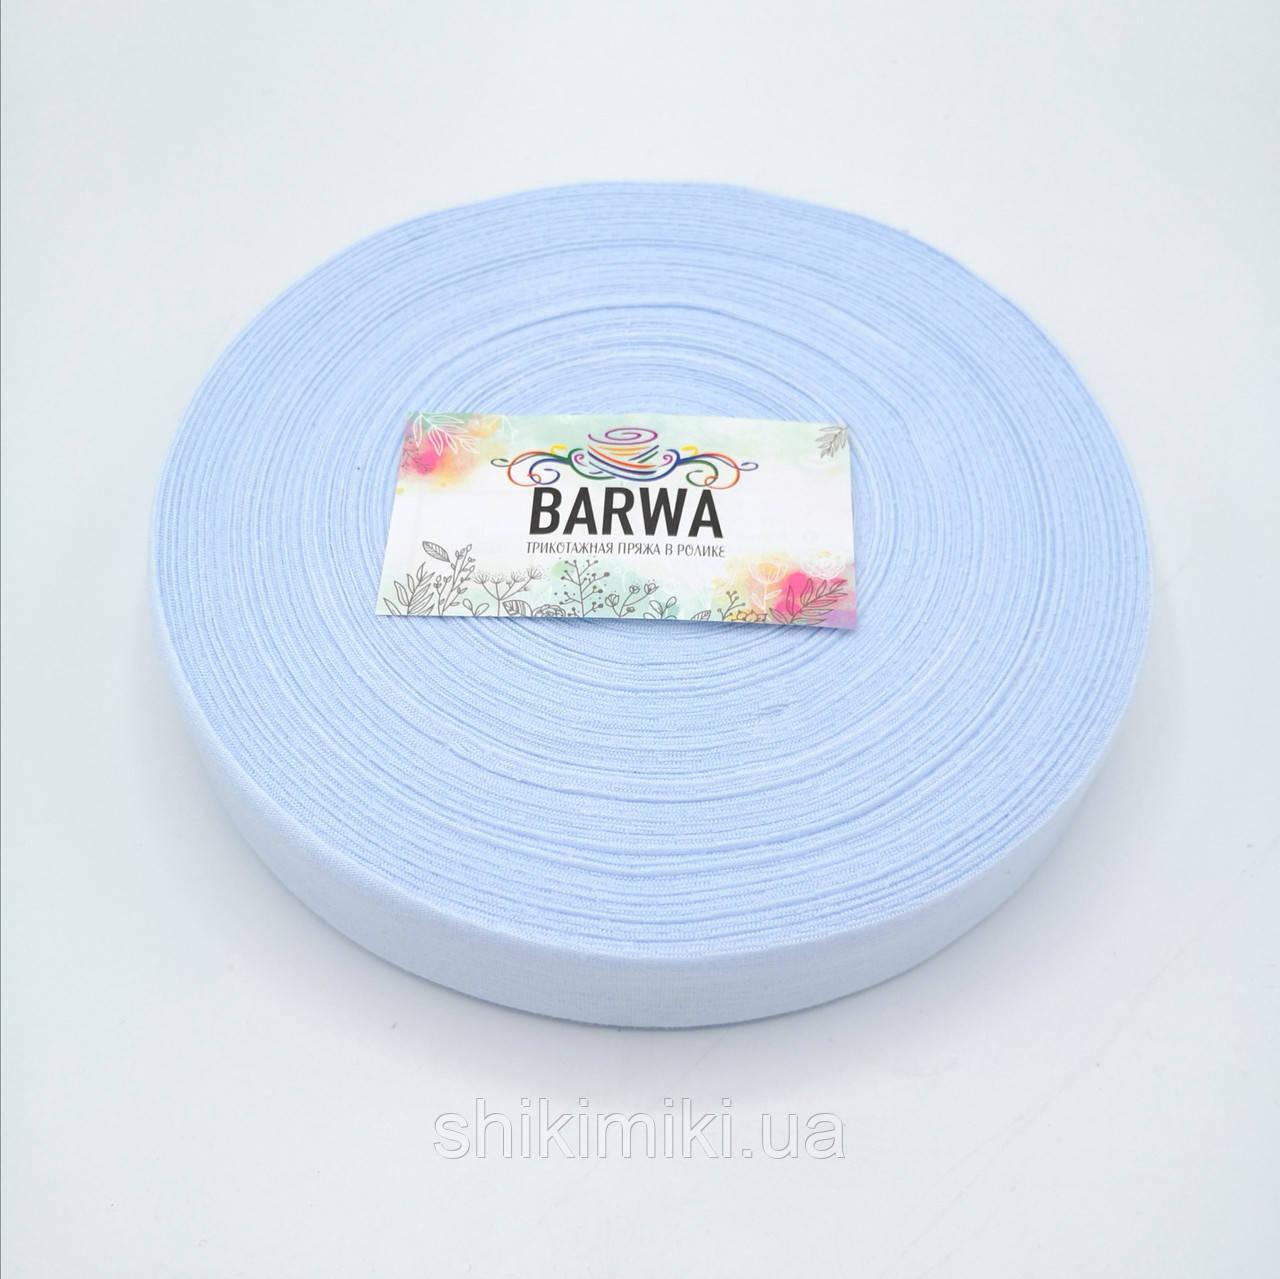 Трикотажная пряжа Barwa в роликах, цвет Небесный